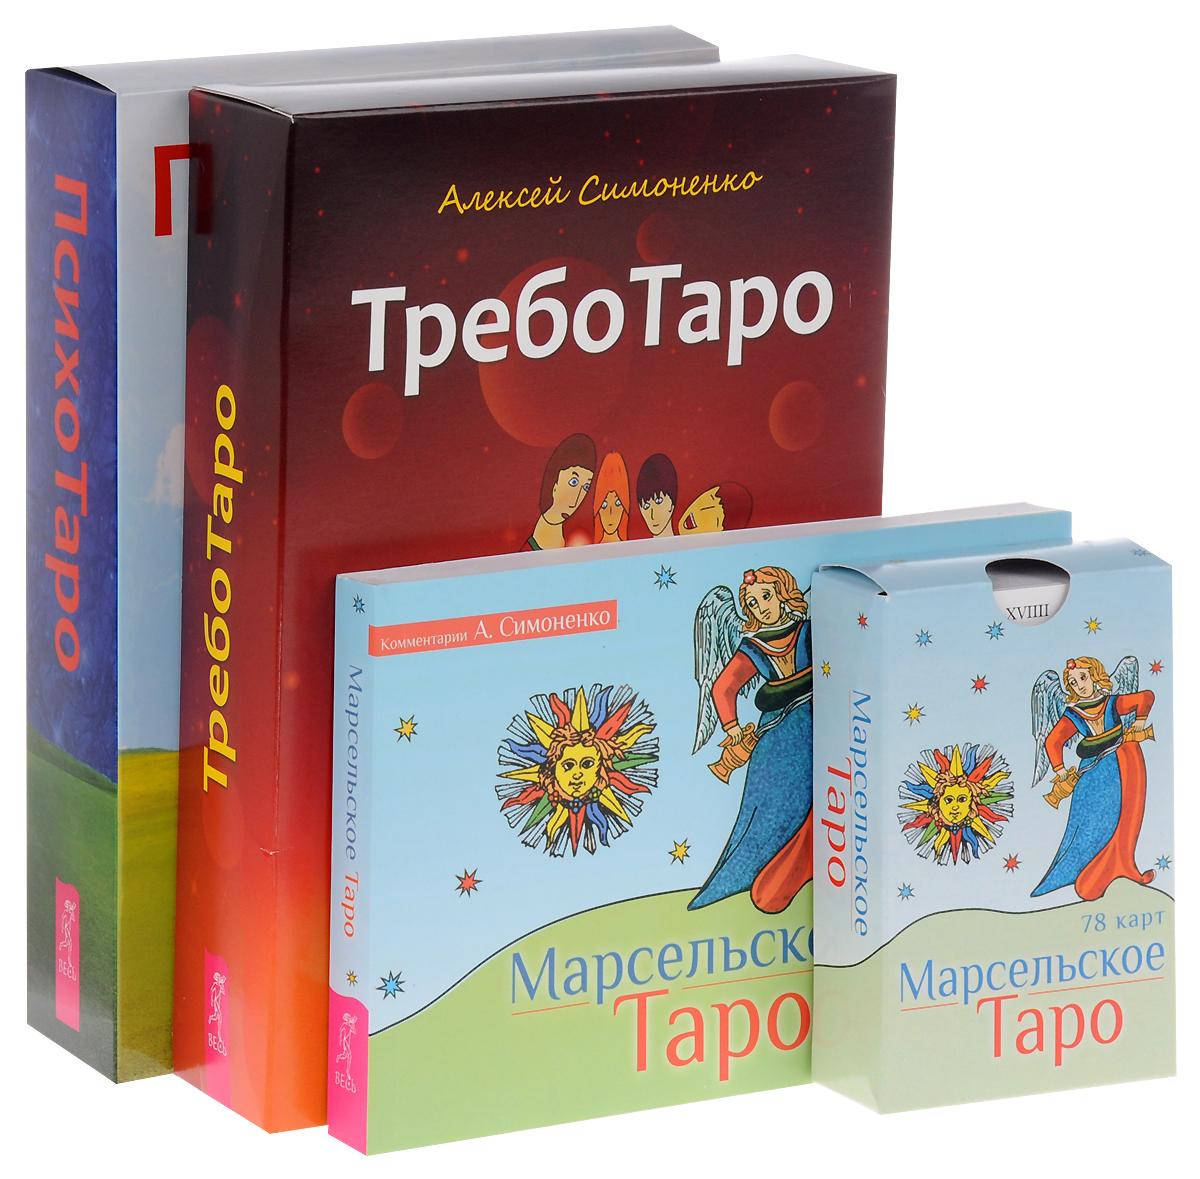 А. Сисоненко Марсельское Таро. ПсихоТаро. ТребоТаро (комплект из 3 книг + 78 карт)